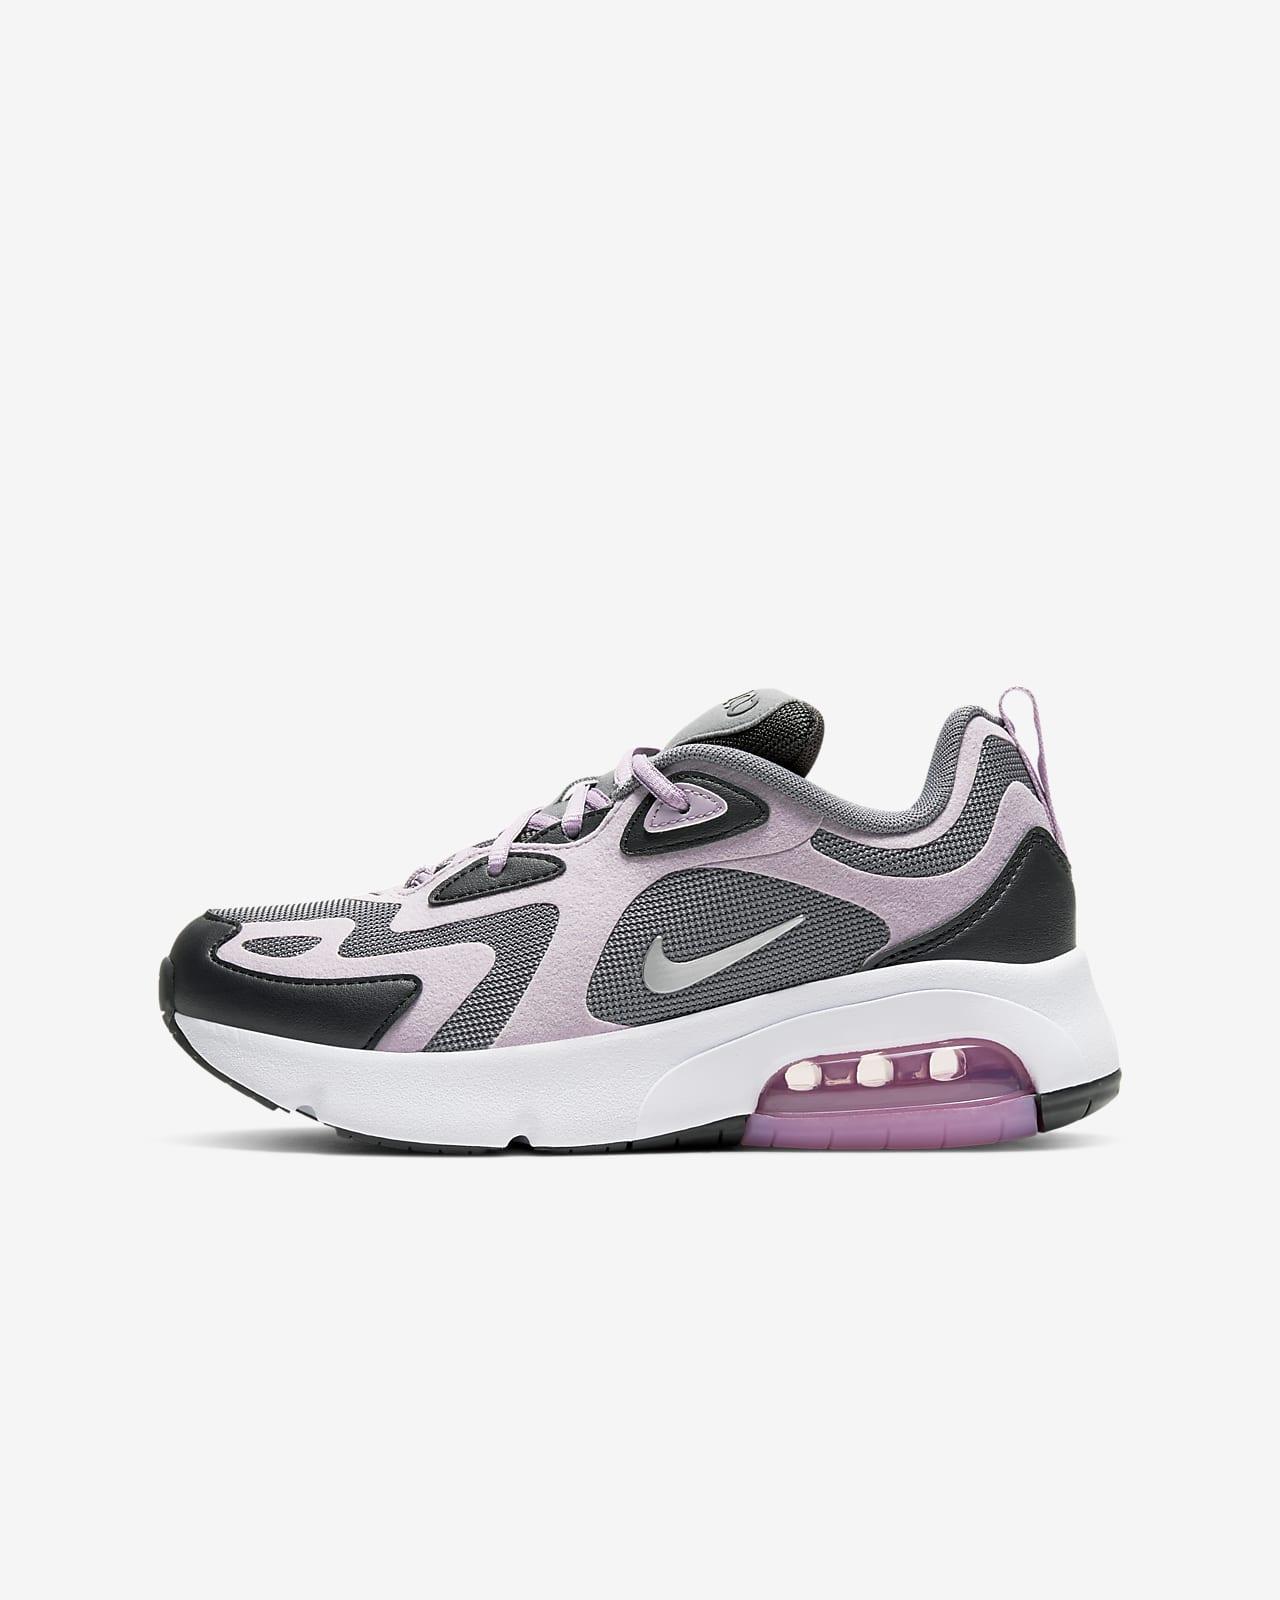 Παπούτσι Nike Air Max 200 για μεγάλα παιδιά